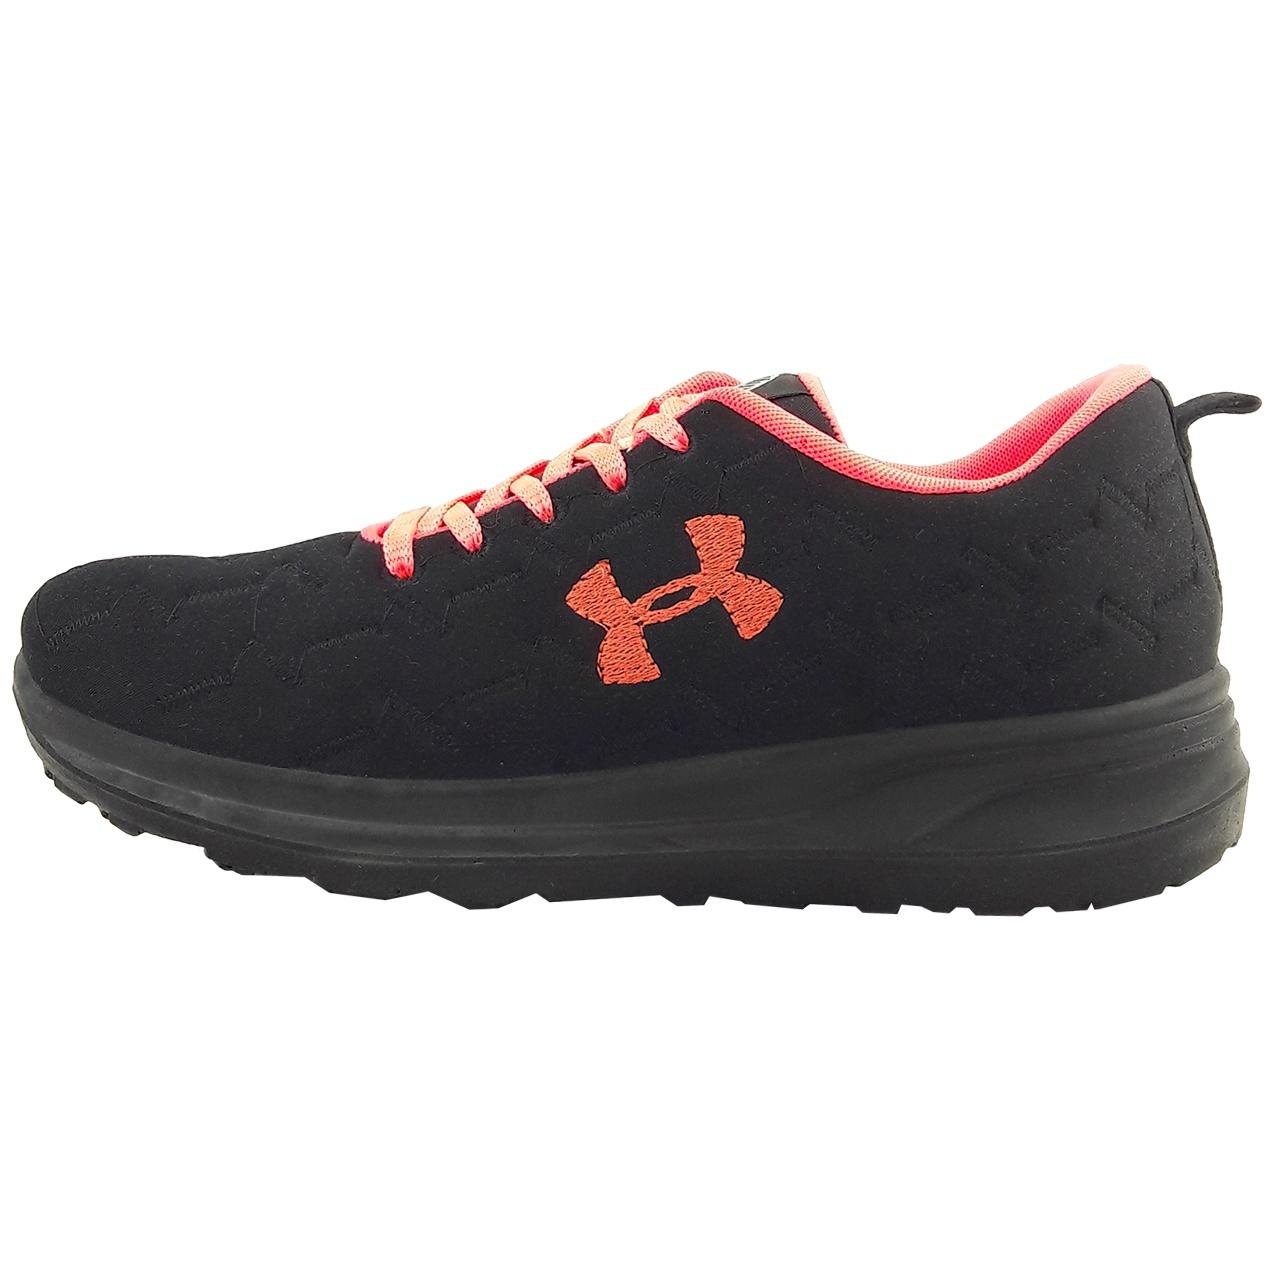 کفش مخصوص پیاده روی زنانه مدل Un.cp.bl pnk-01